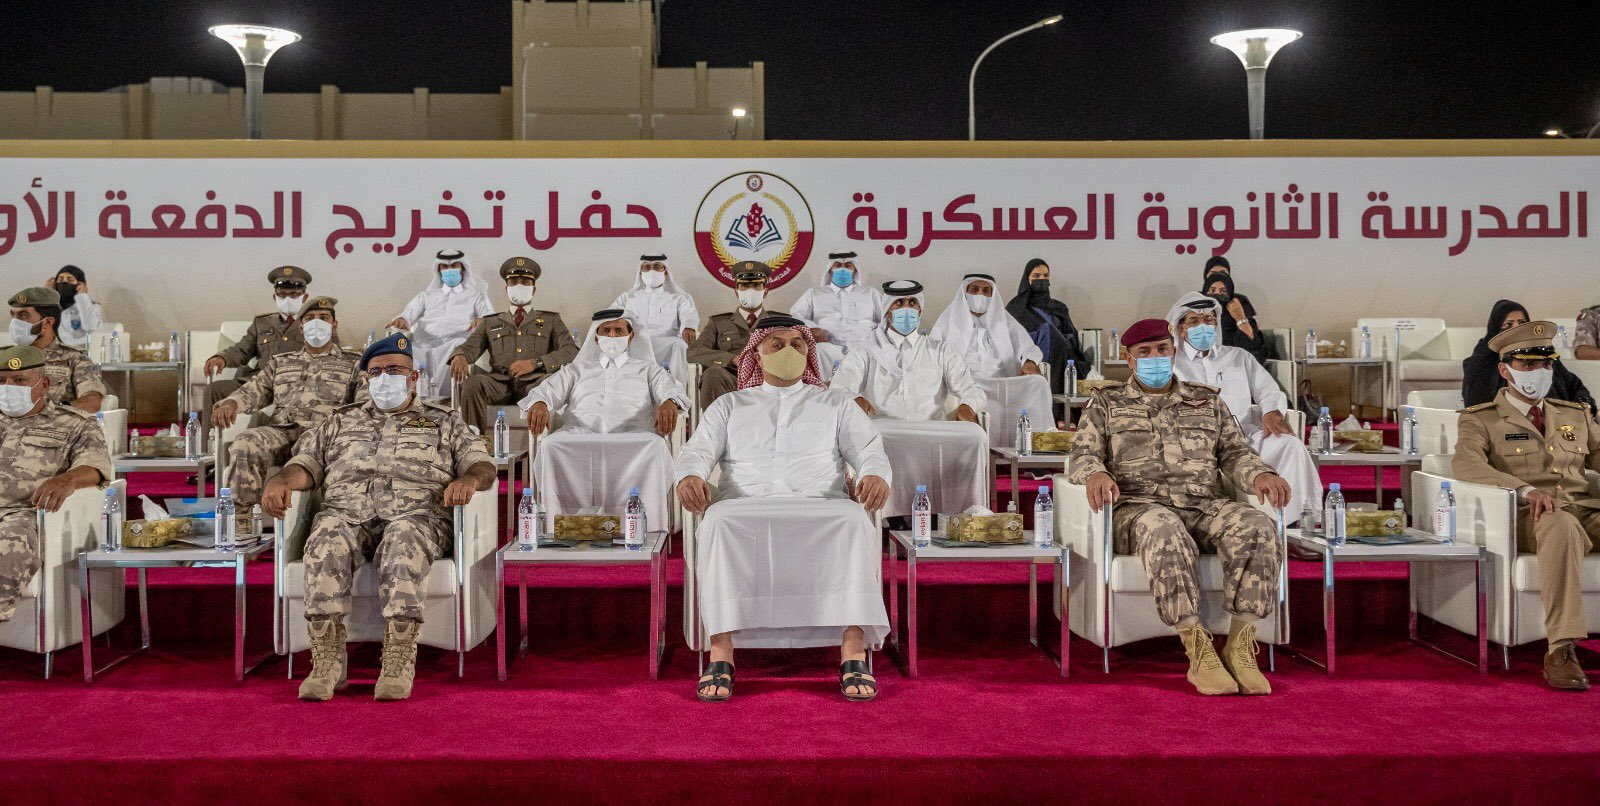 حفل تخرج الدفعه الأولى الجيش القطري